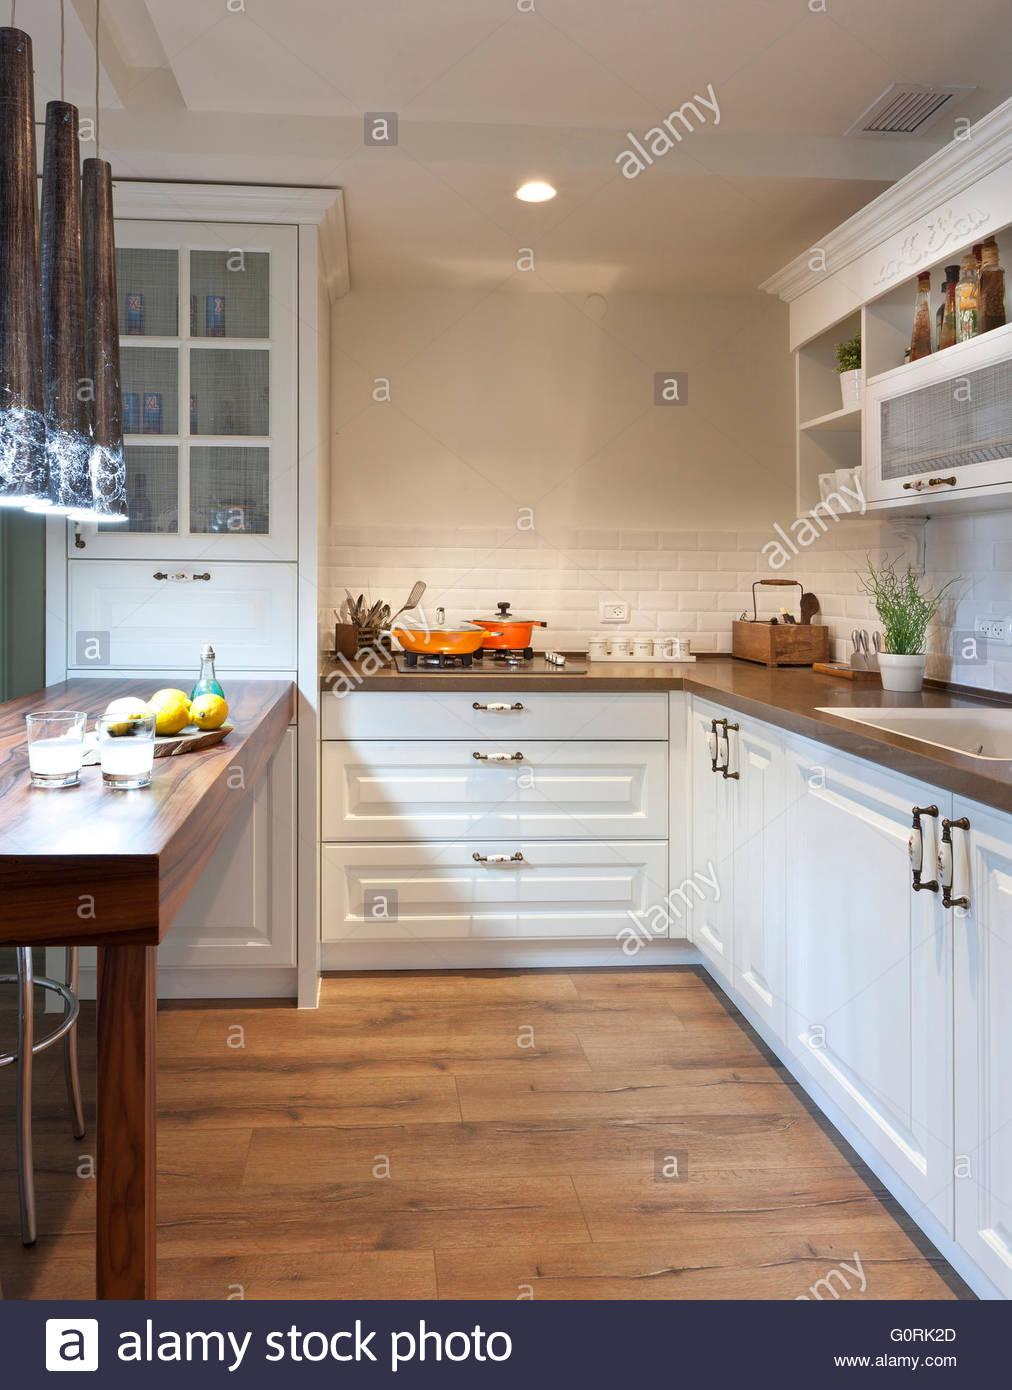 Wunderbar Bilder Von Küchen Mit Weißen Schränken Und Holzböden ...